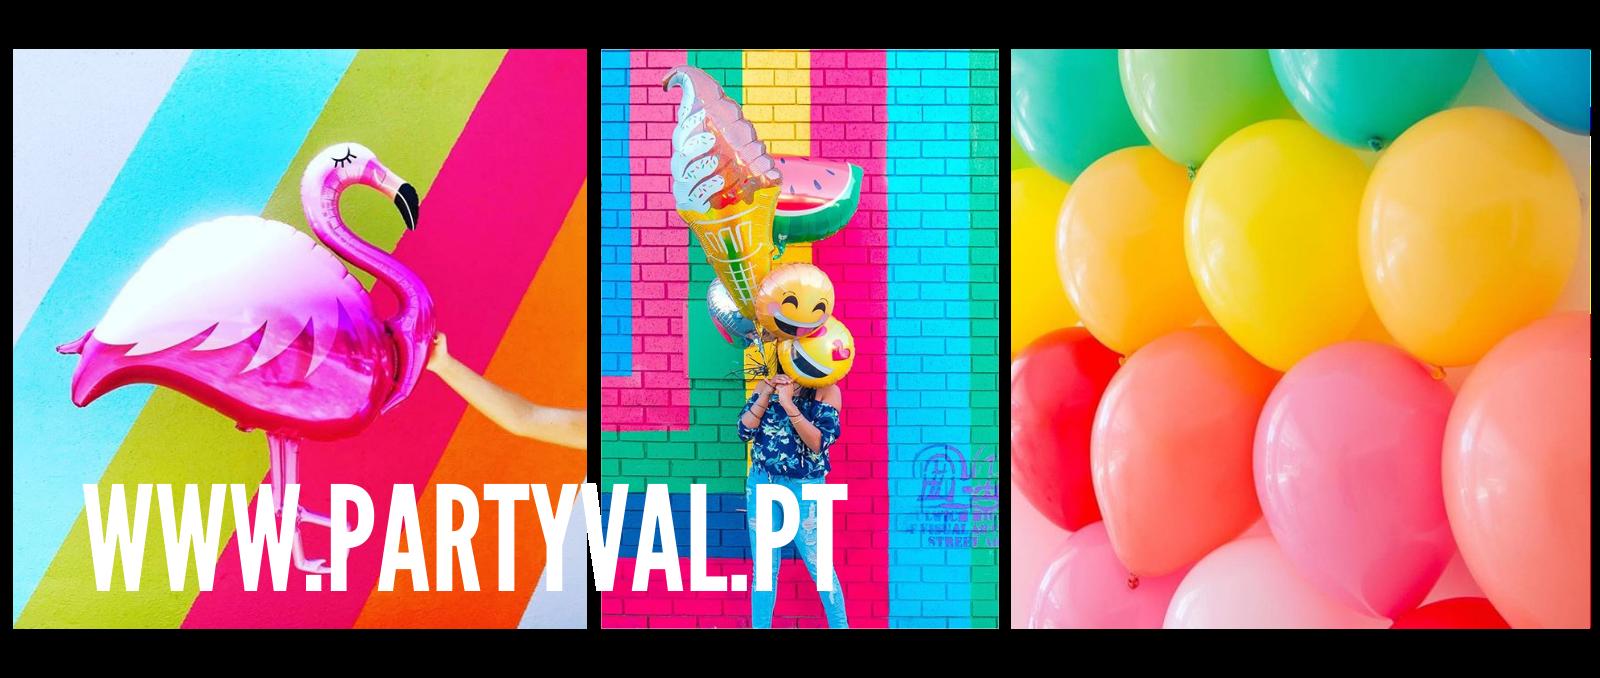 Cópia de www.partyval.pt (1)